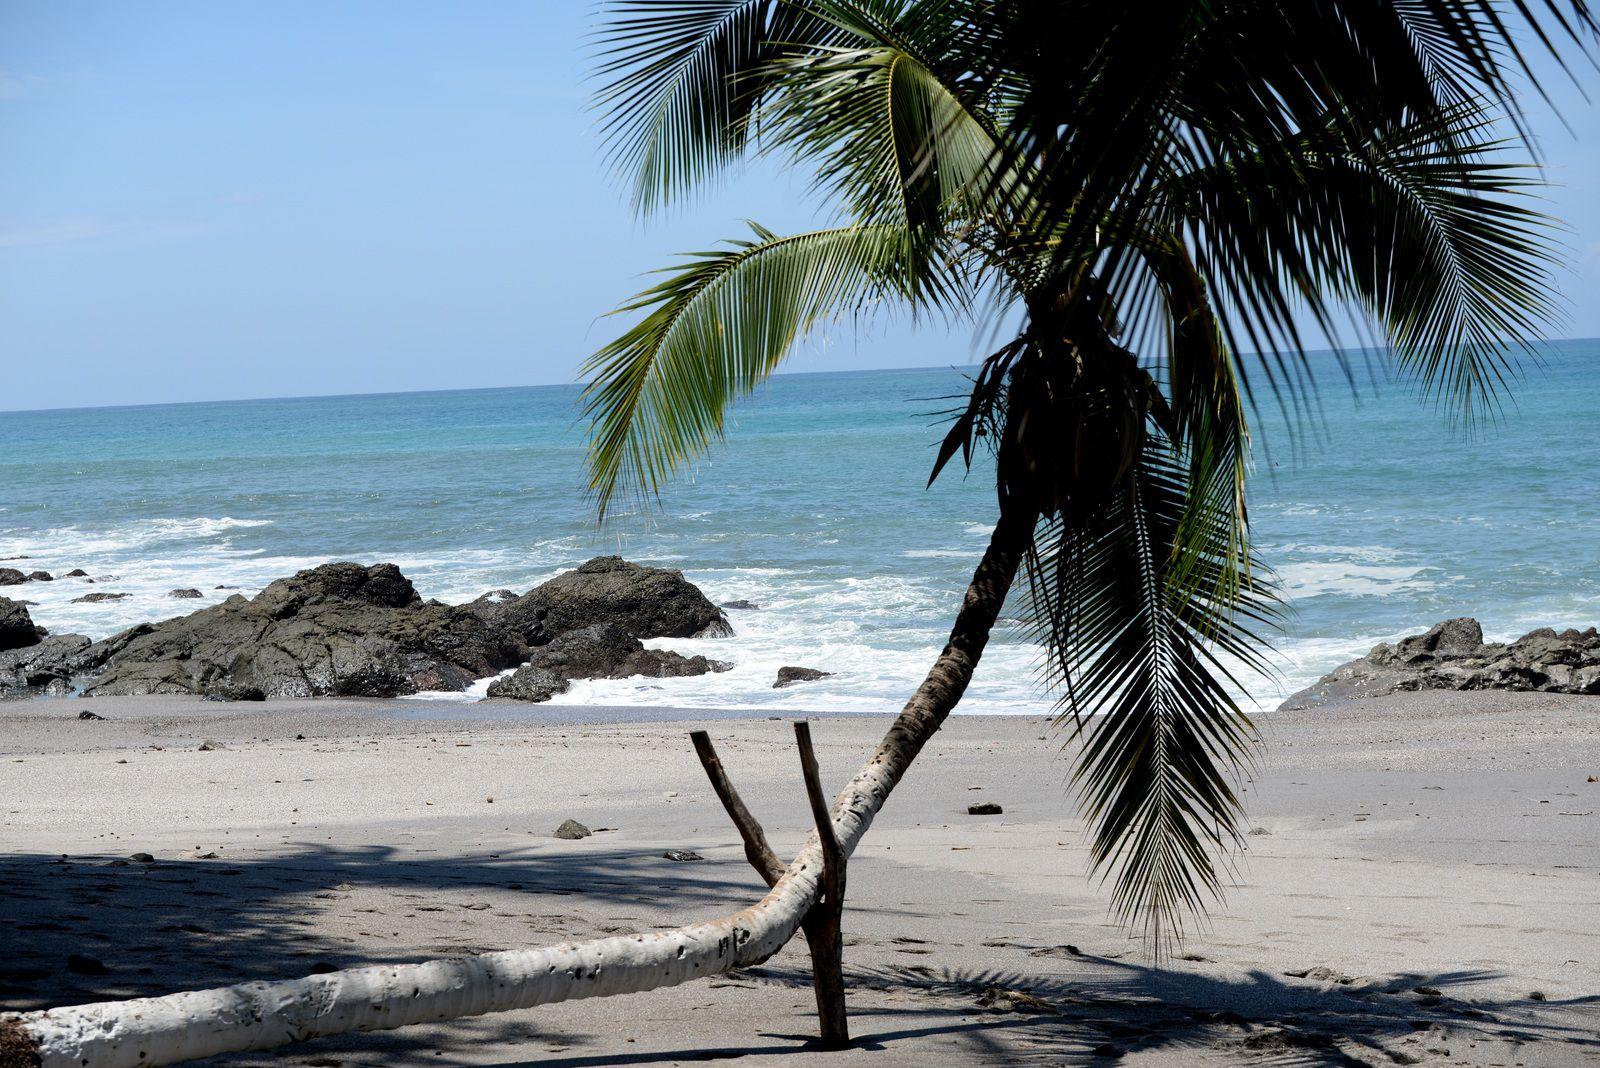 Costa Rica / 2 / il est 08h15, nous sommes le 2 Novembre 2020